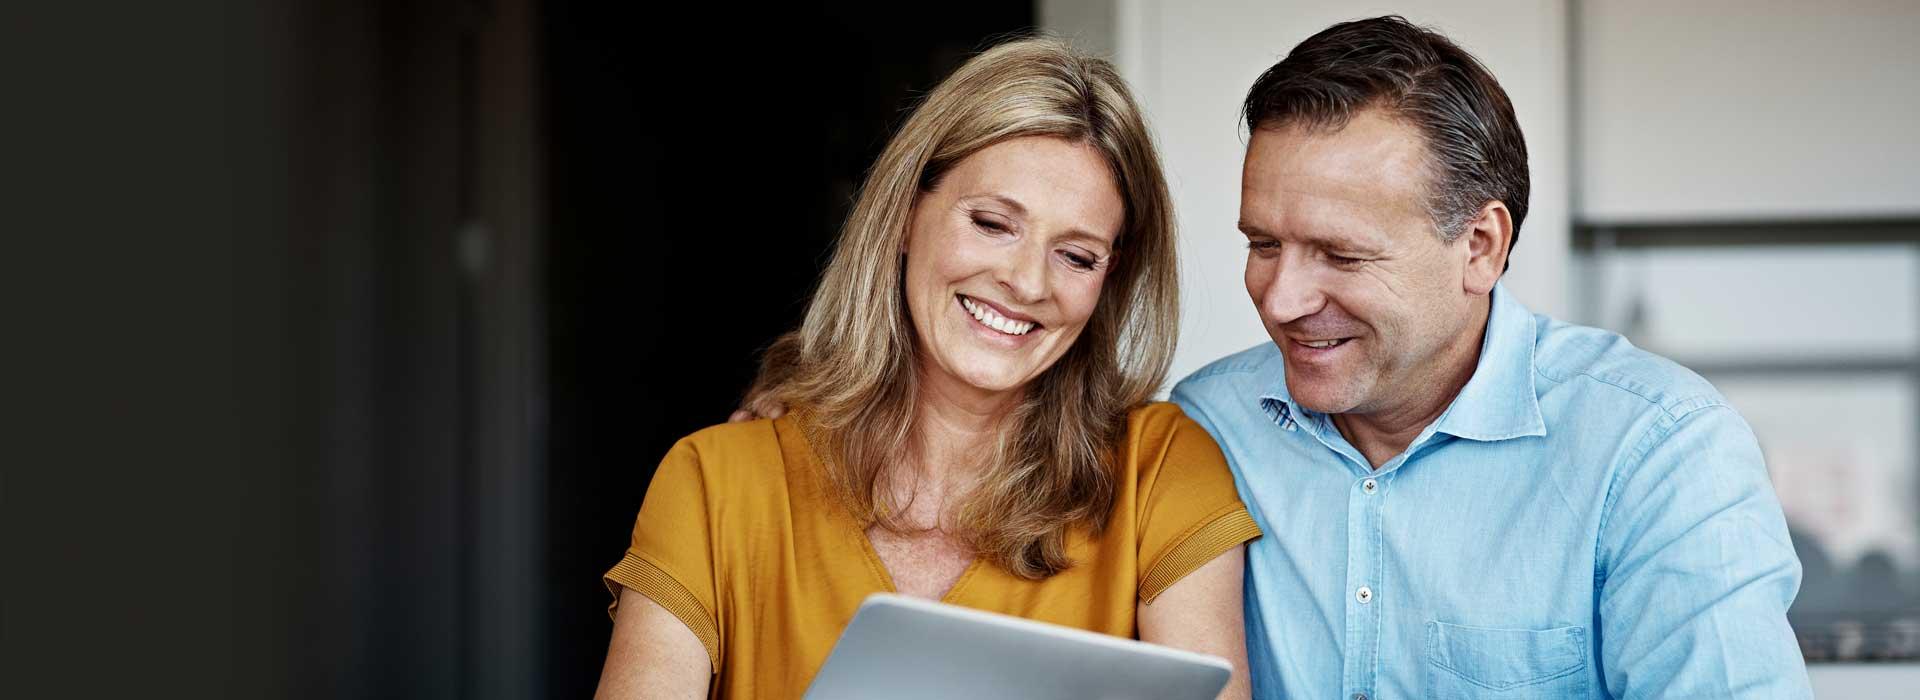 Una coppia che legge qualcosa sul suo tablet.